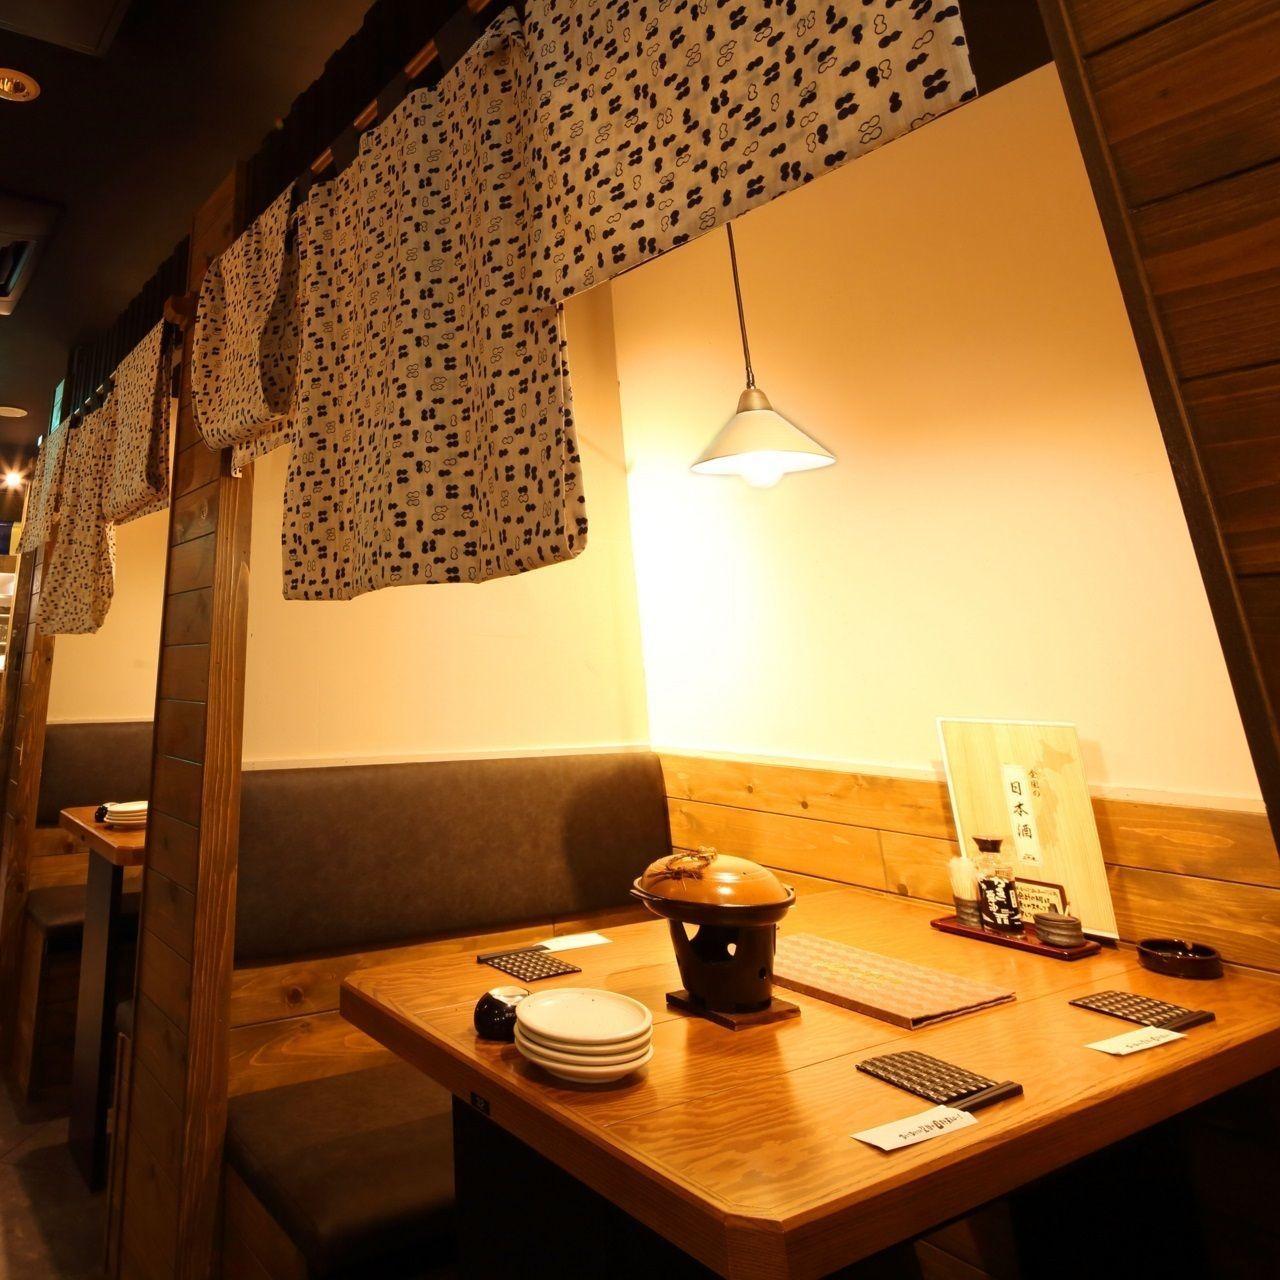 【名古屋駅周辺】おすすめ鍋9選!シーン別に楽しめるお店まとめの画像